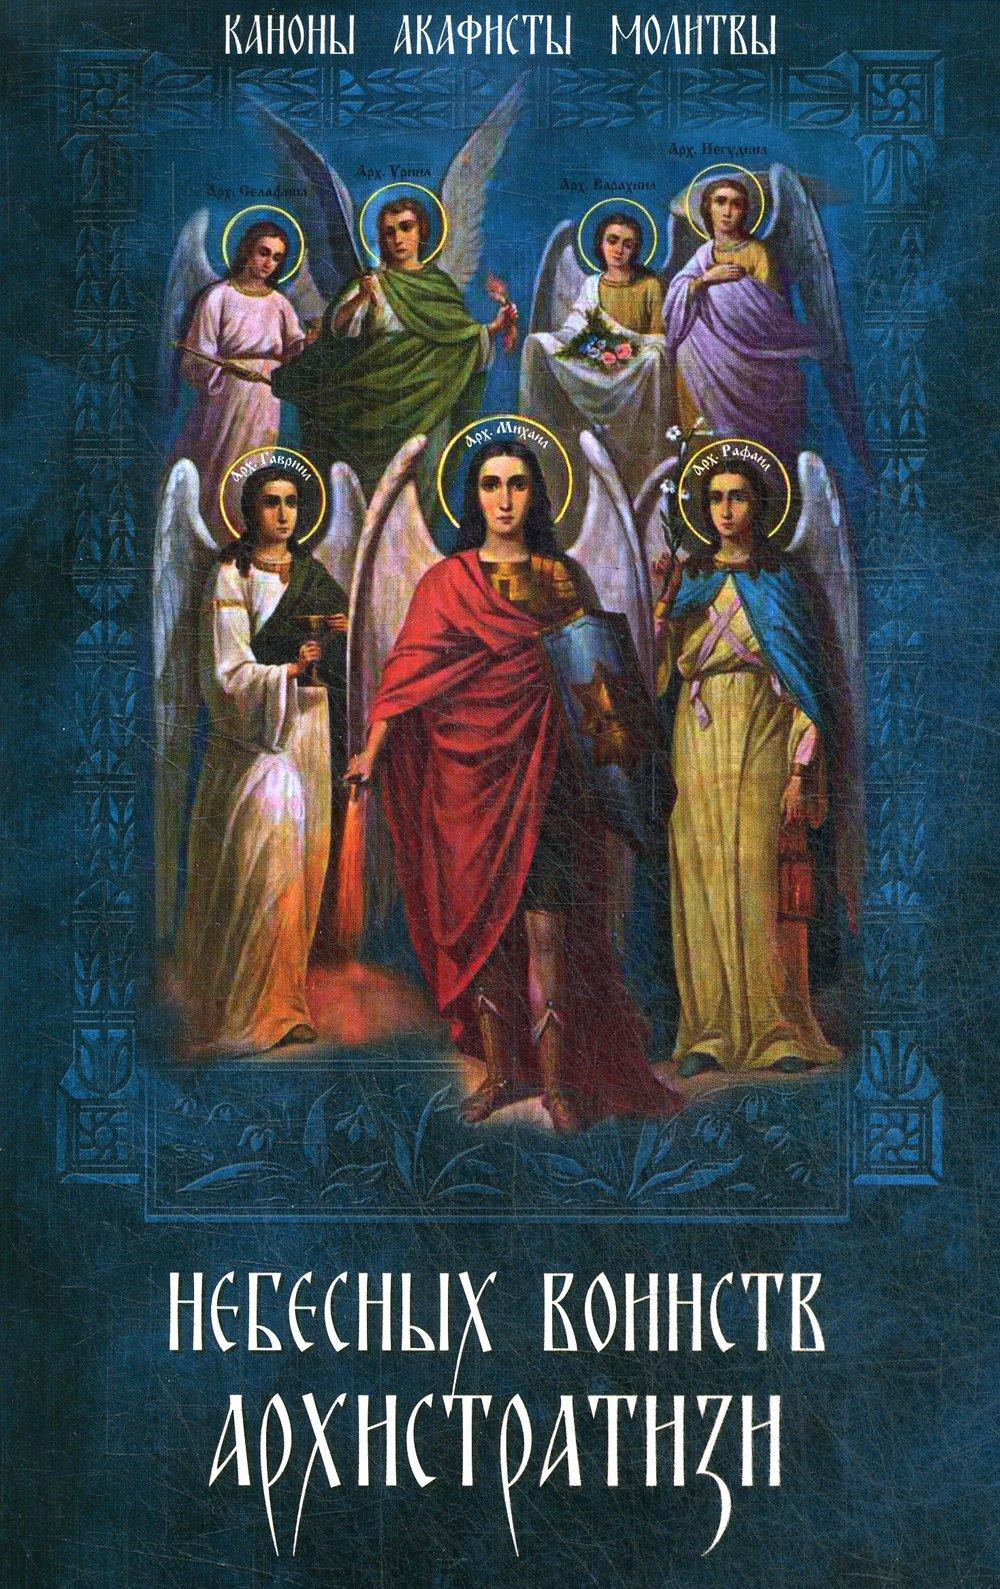 Небесных воинств Архистратизи…: каноны, акафисты, молитвы ( Островский К.  )